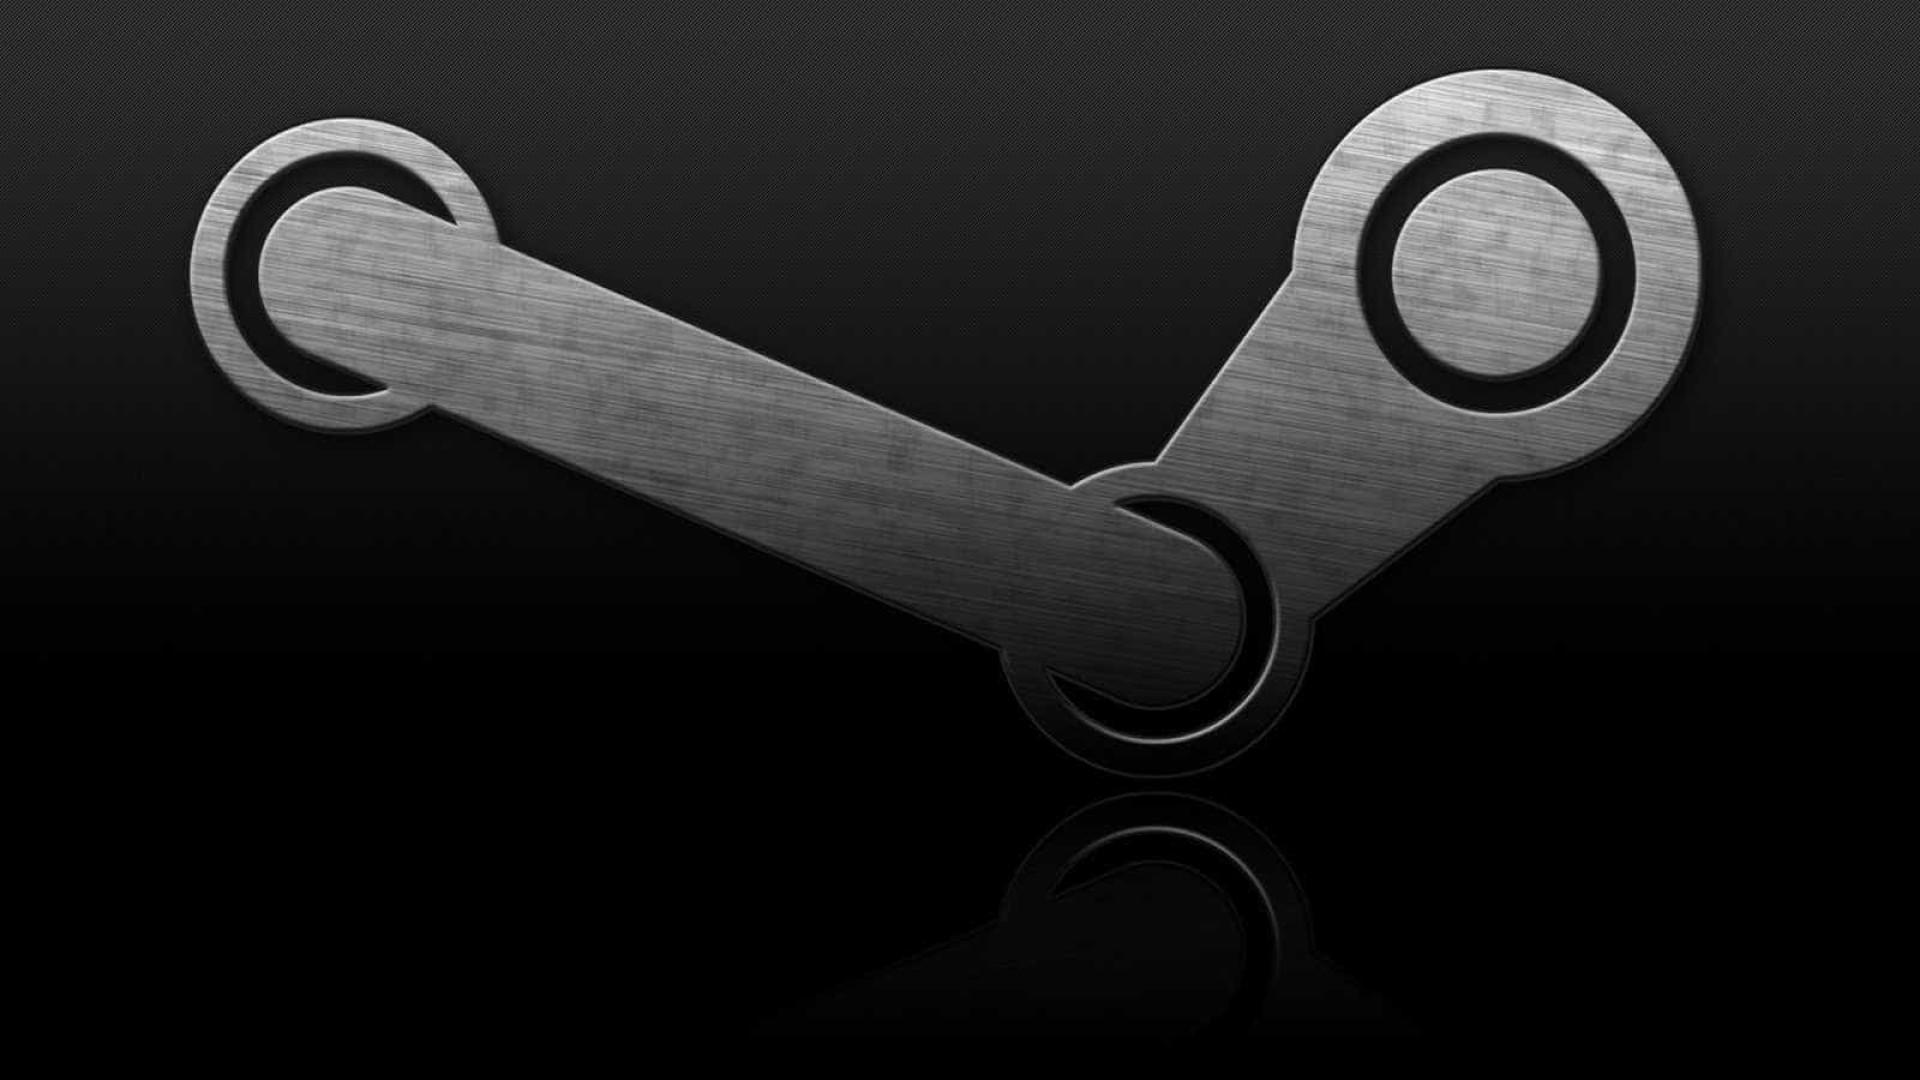 A Steam entrará numa nova era (e pode não gostar)